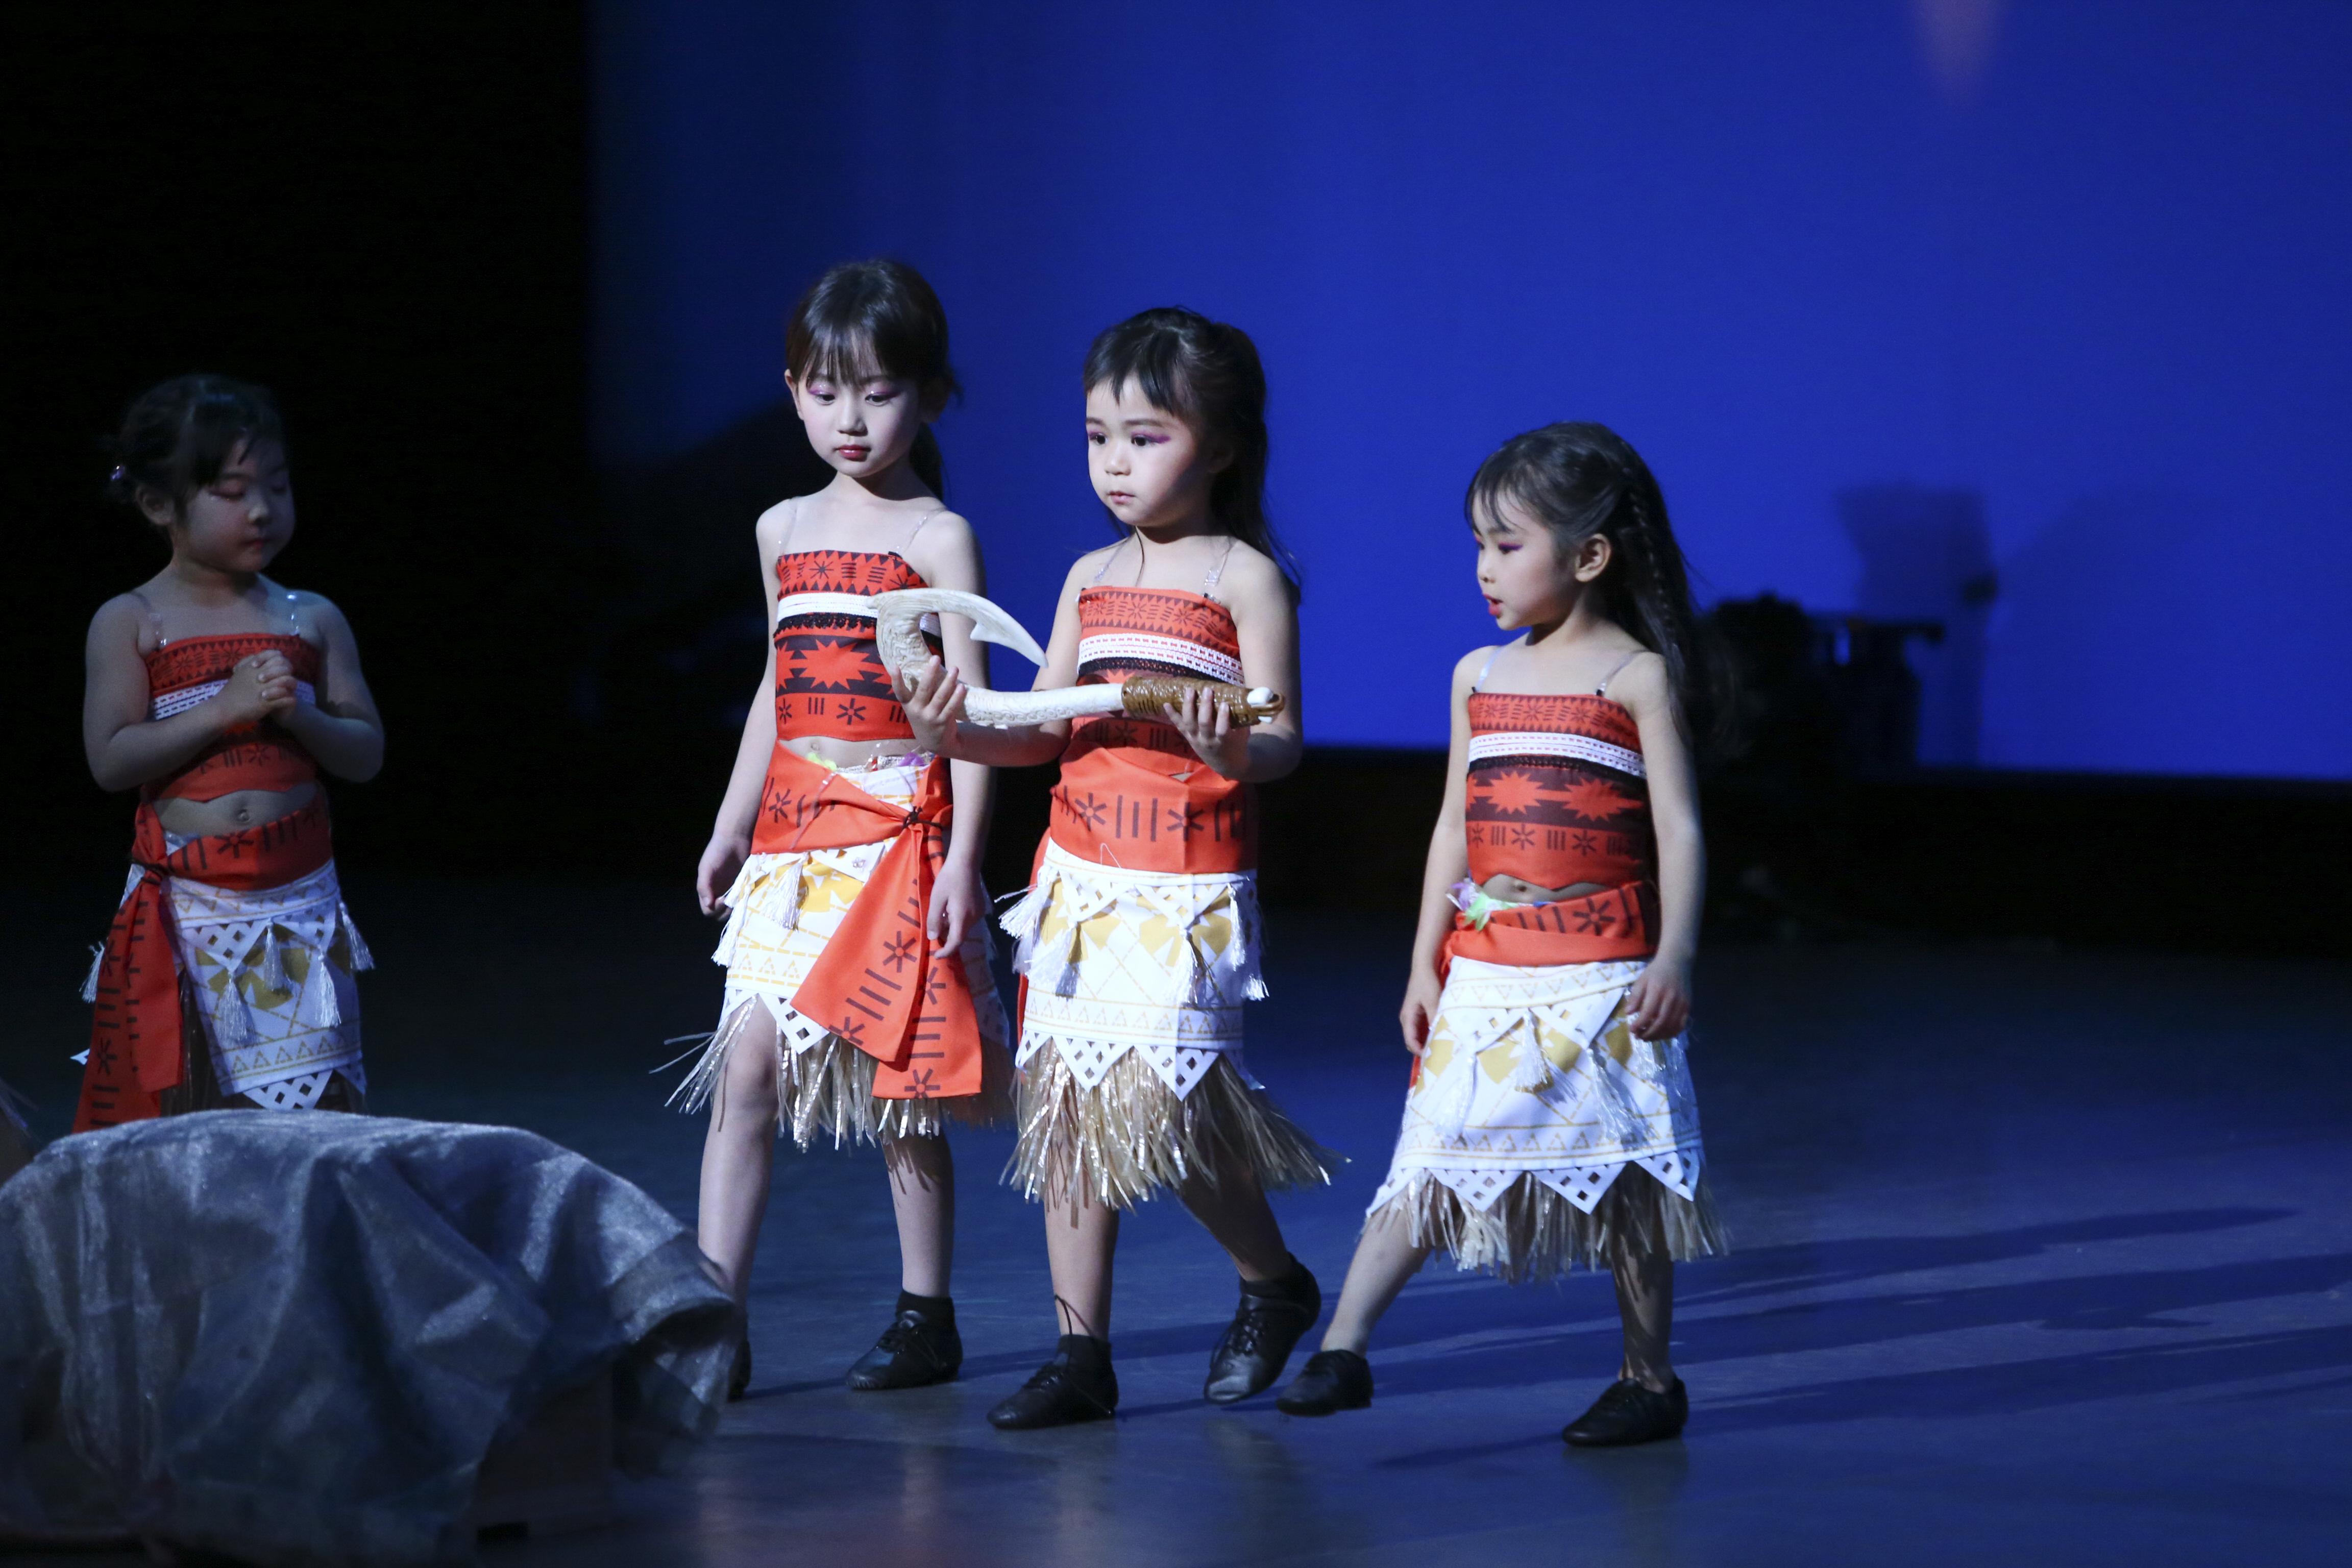 火曜日キッズダンス幼稚園クラス(MOANA)